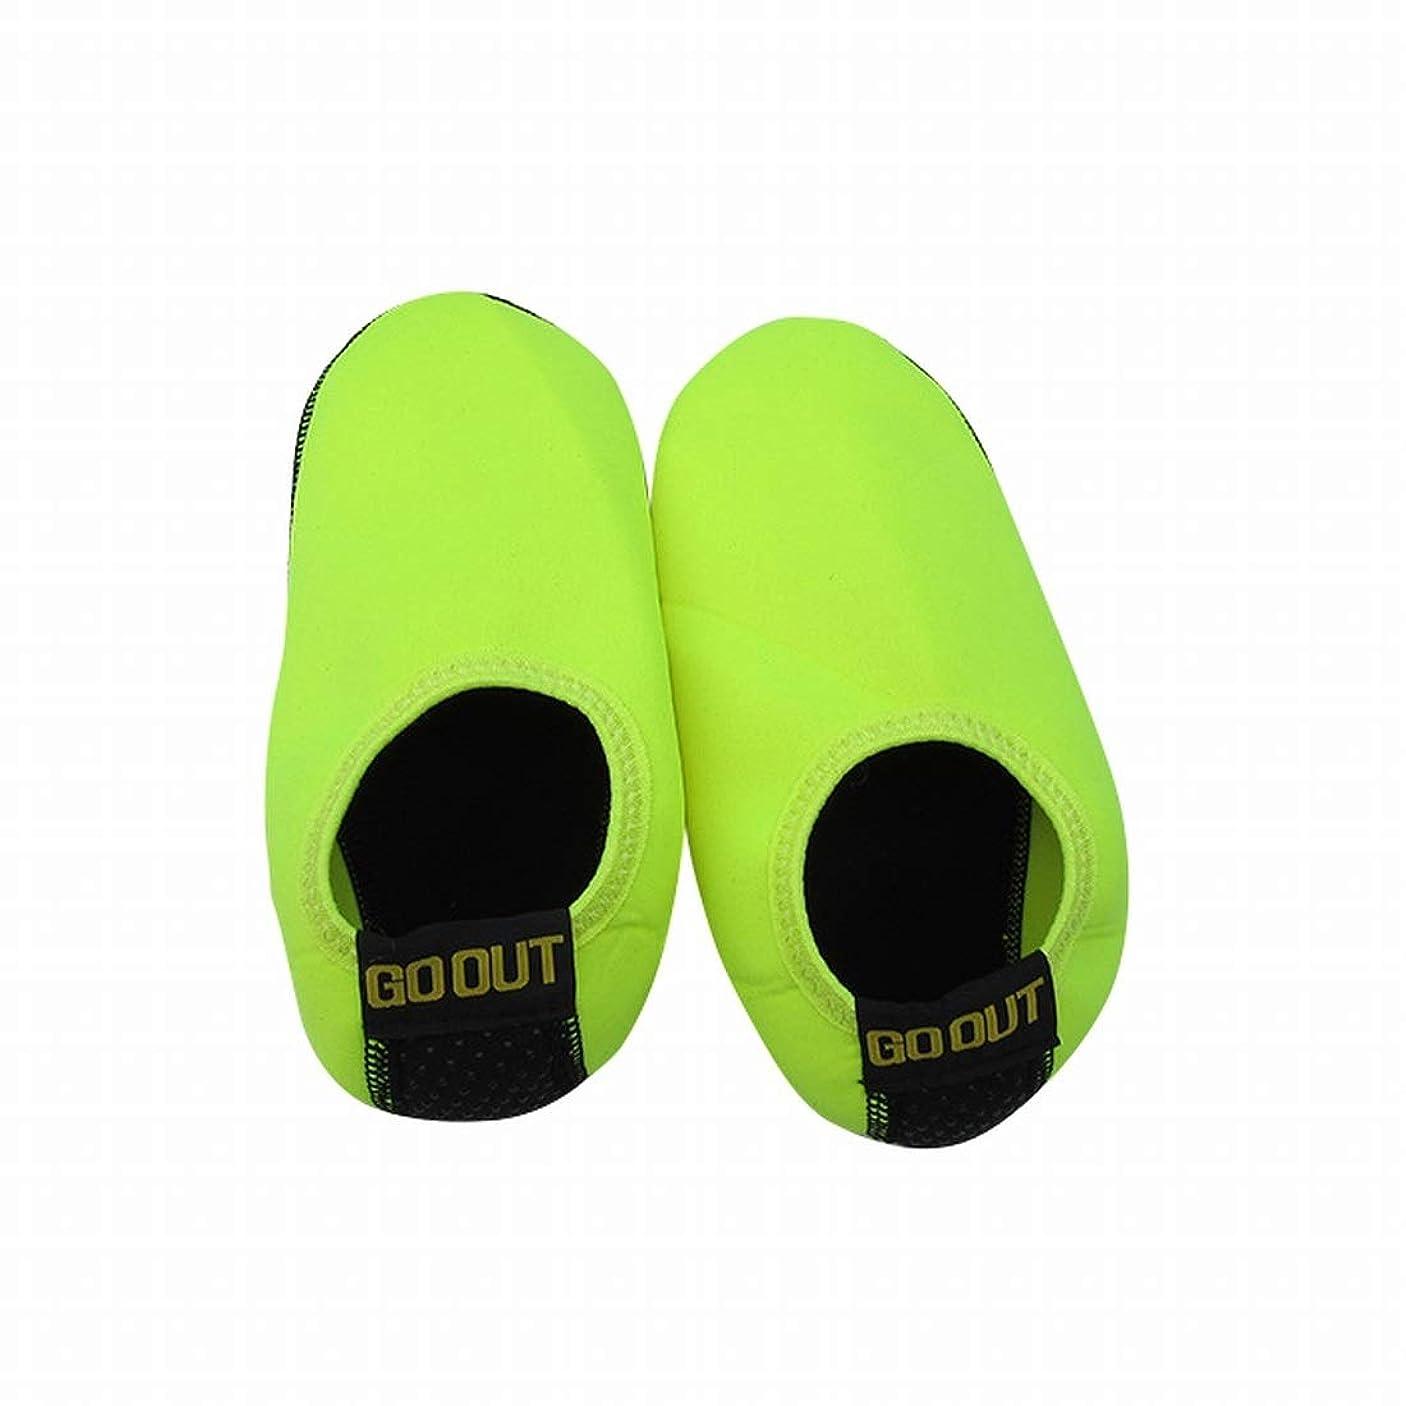 歩くストリーム脅威Kainuoo ビーチソックスシューズシュノーケリングシューズ機器新しい男性と女性のダイビングソックスシュノーケリングソックス水泳ソックス (Color : Light green, Size : Child- M- 4-6- years old)